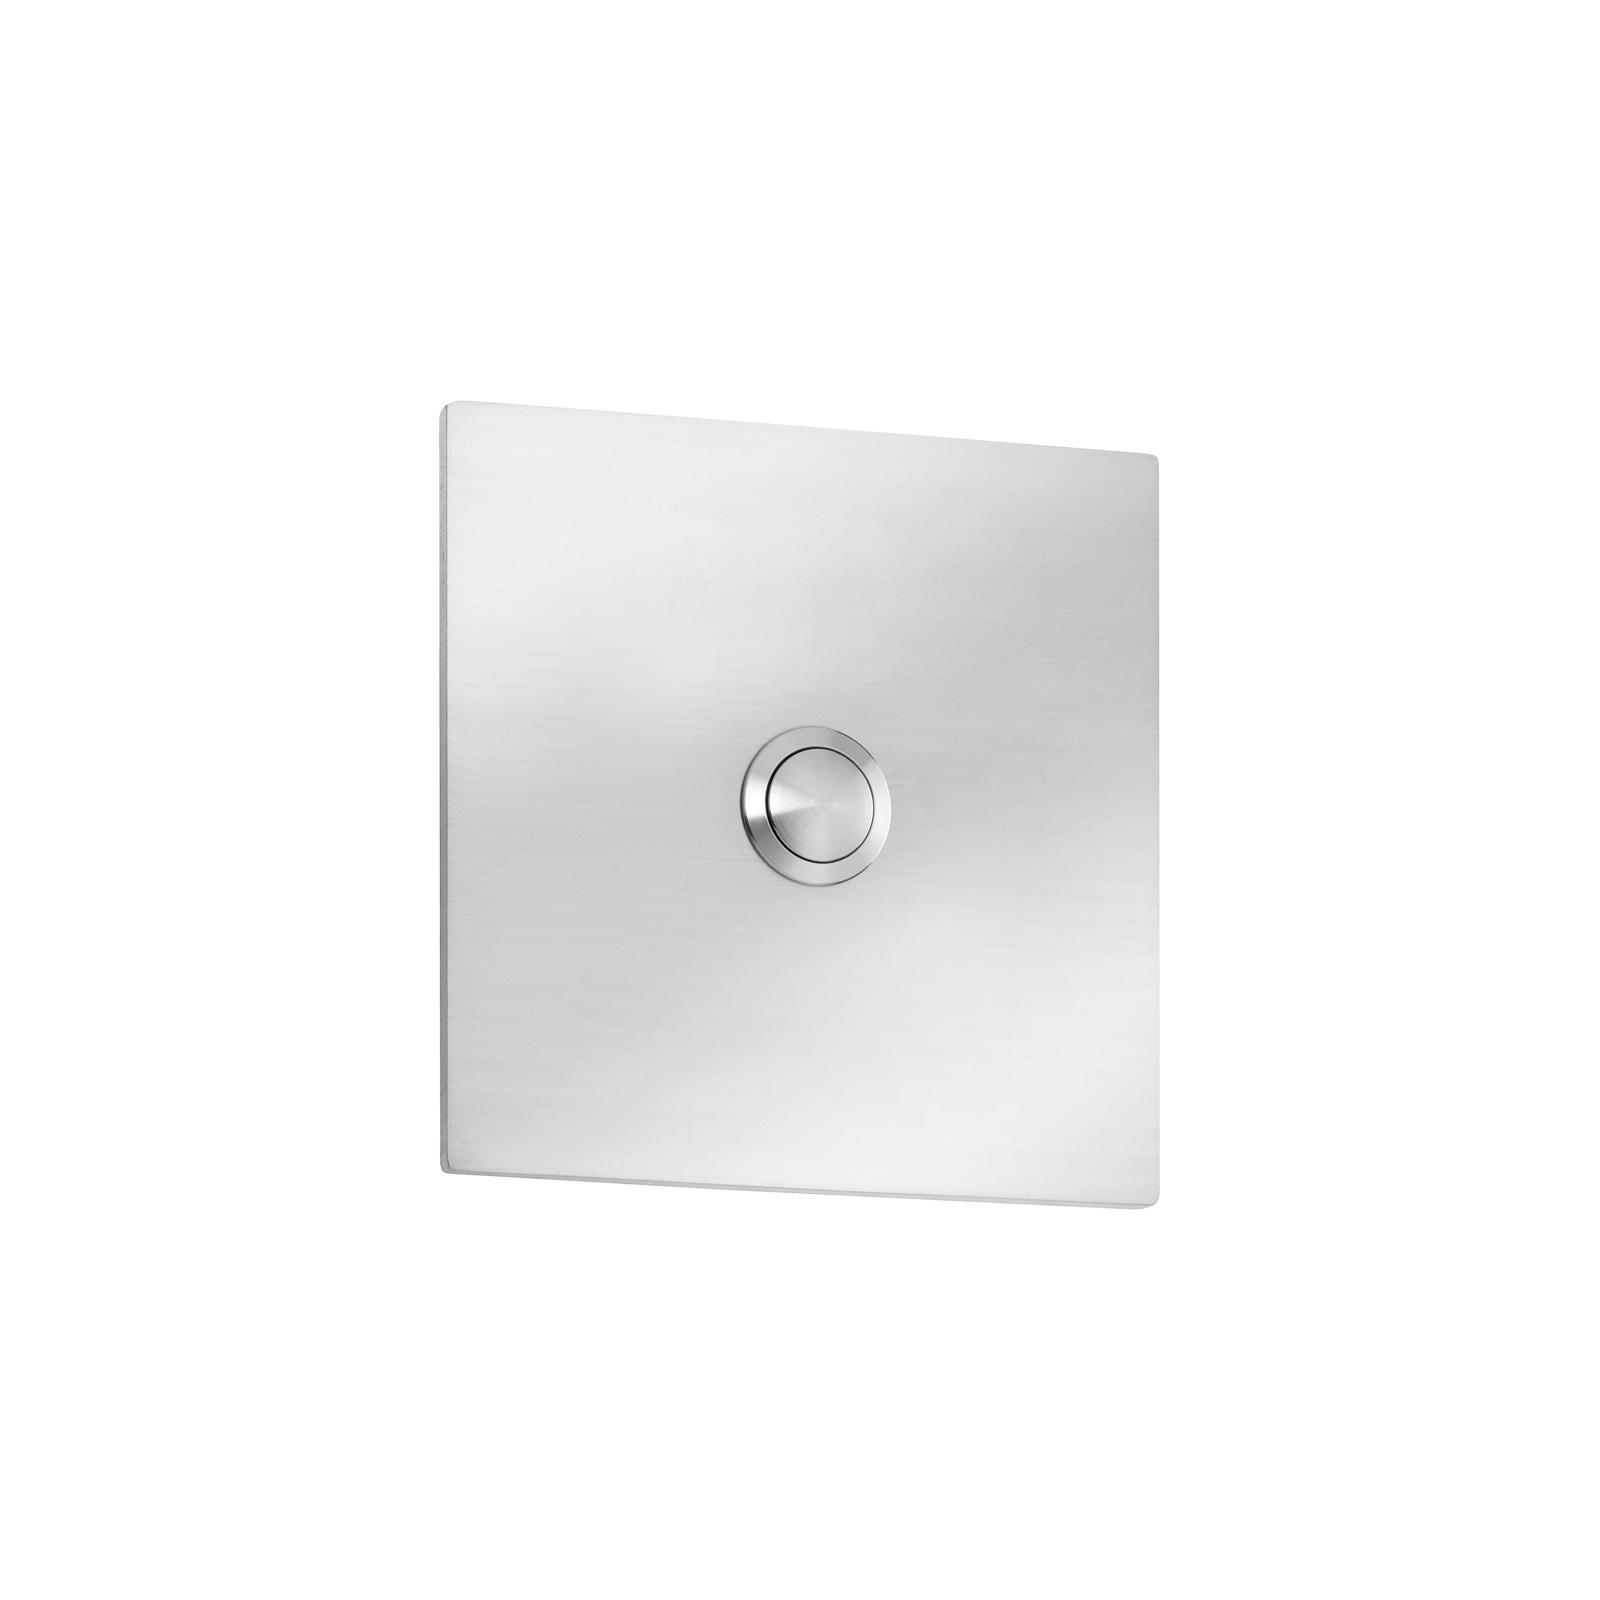 Enkel platta för ringklocka, Quadrat